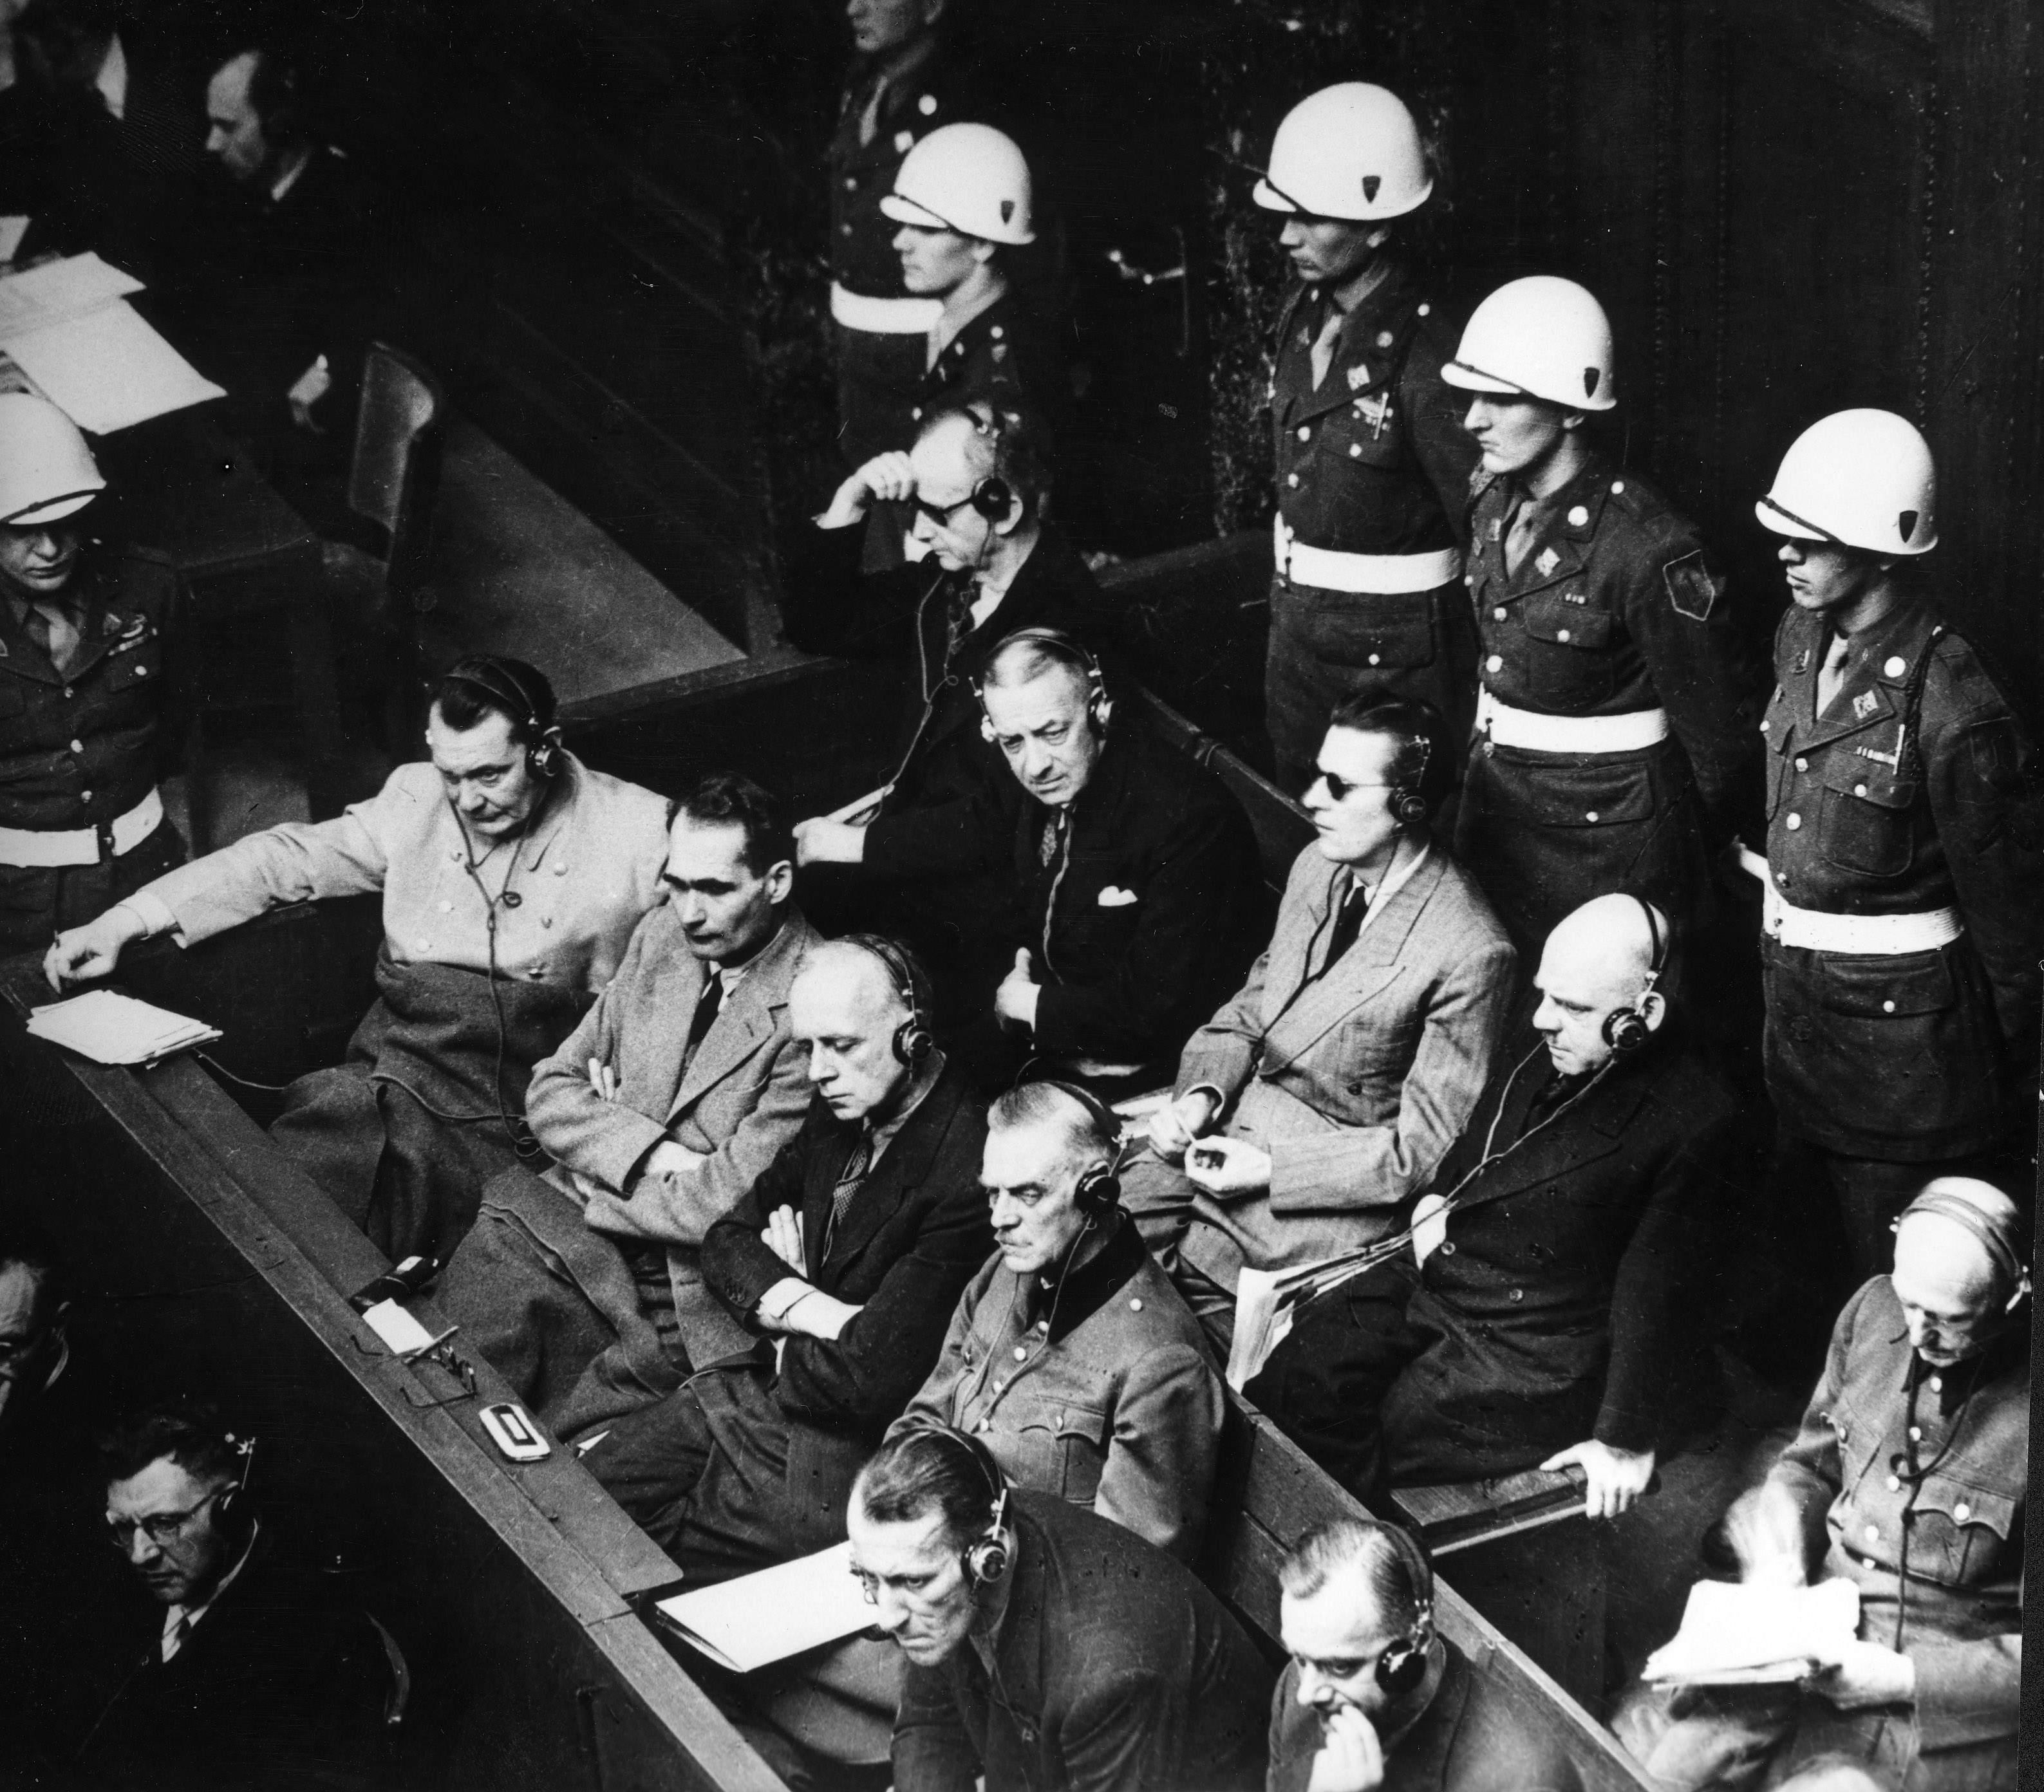 Främre raden: Herman Göring, Rudolf Hess, Joachim von Ribbentrop, Wilhelm Keitel. Bakre: Karl Dönitz, Erich Raeder, Baldur von Schirach, Fritz Sauckel och Alfred Jodl. Foto: SVT Bild.